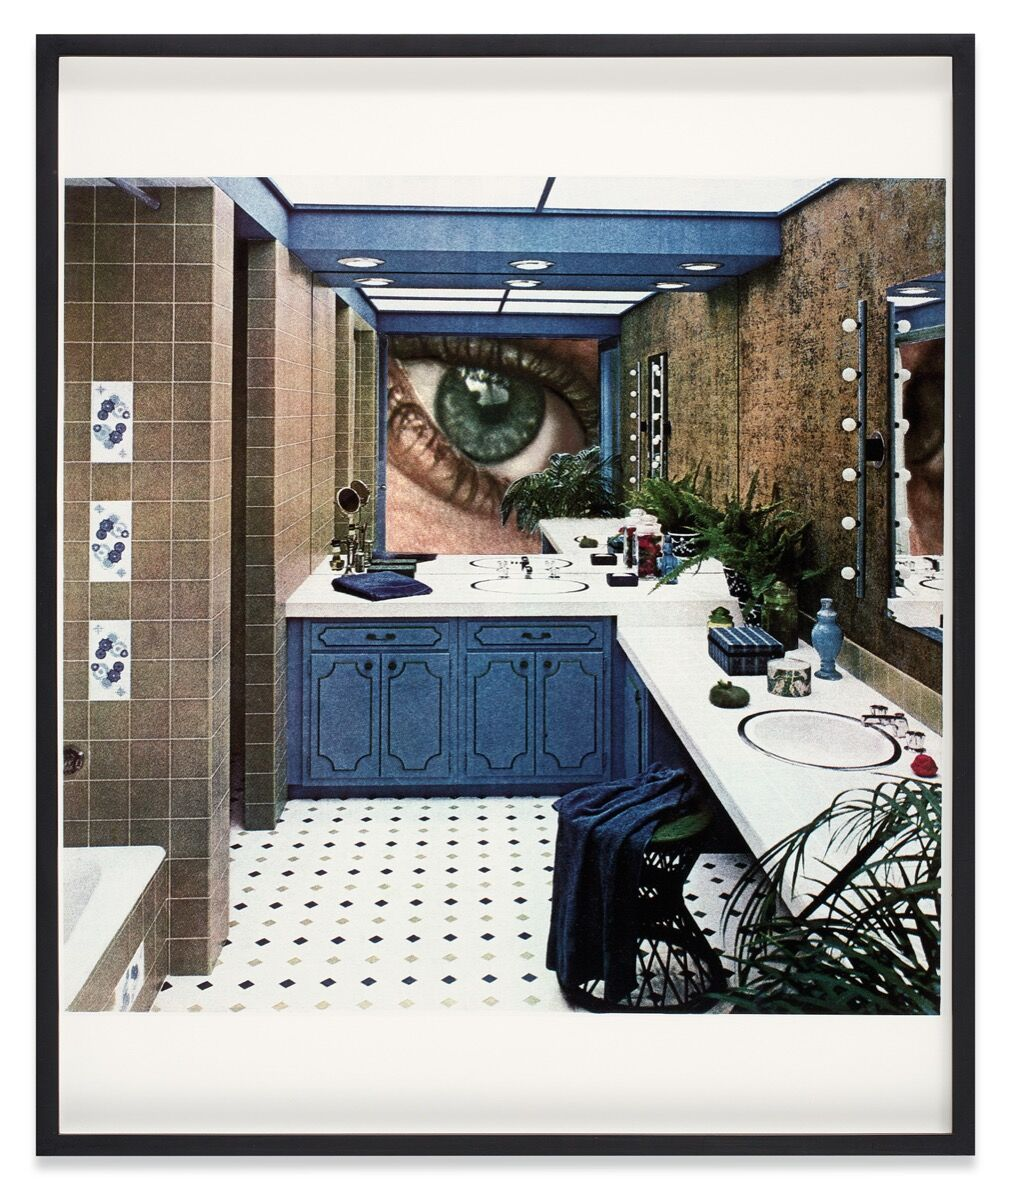 Martha Rosler, Bathroom Surveillance or Vanity Eye, 1967-1972. © Martha Rosler. Courtesy of the artist, Nagel Draxler Berlin / Cologne, Mitchell Innes & Nash / New York.